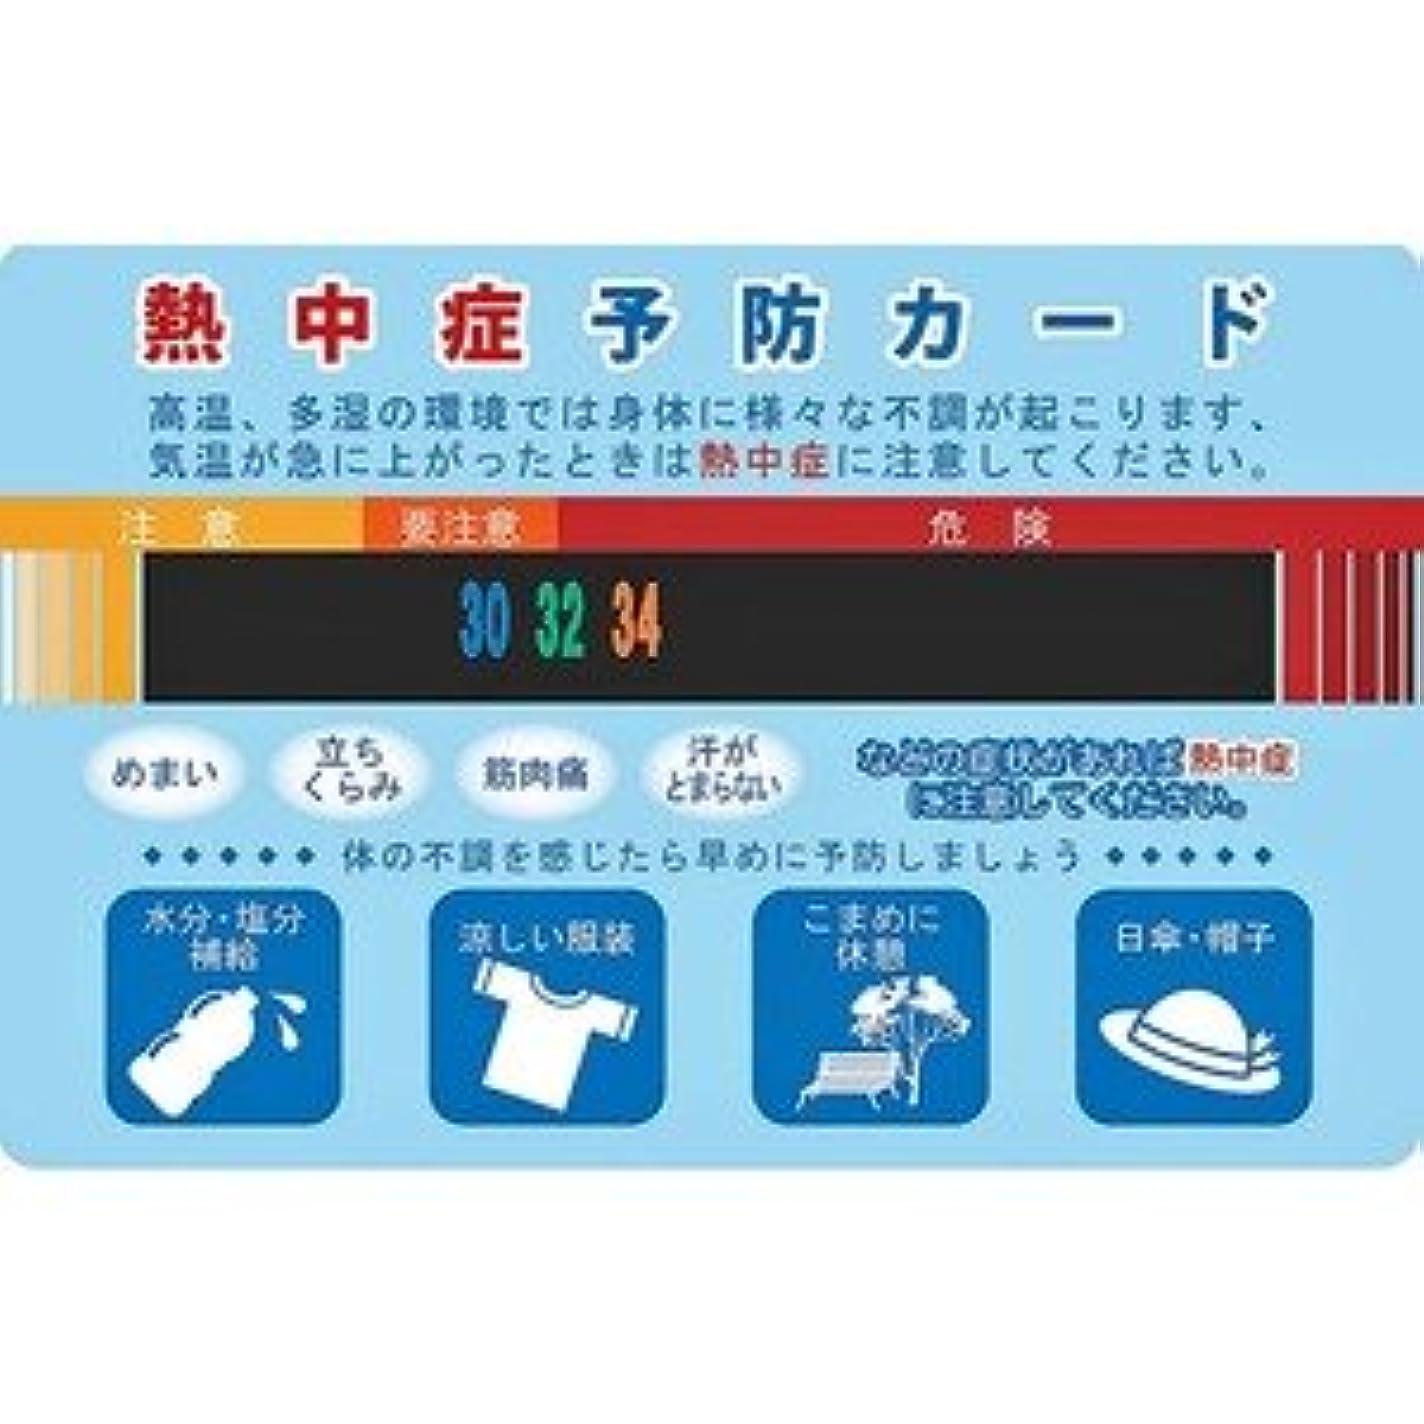 別々に誰も調べる熱中症予防カード?NE1 【100枚セット】 熱中症対策